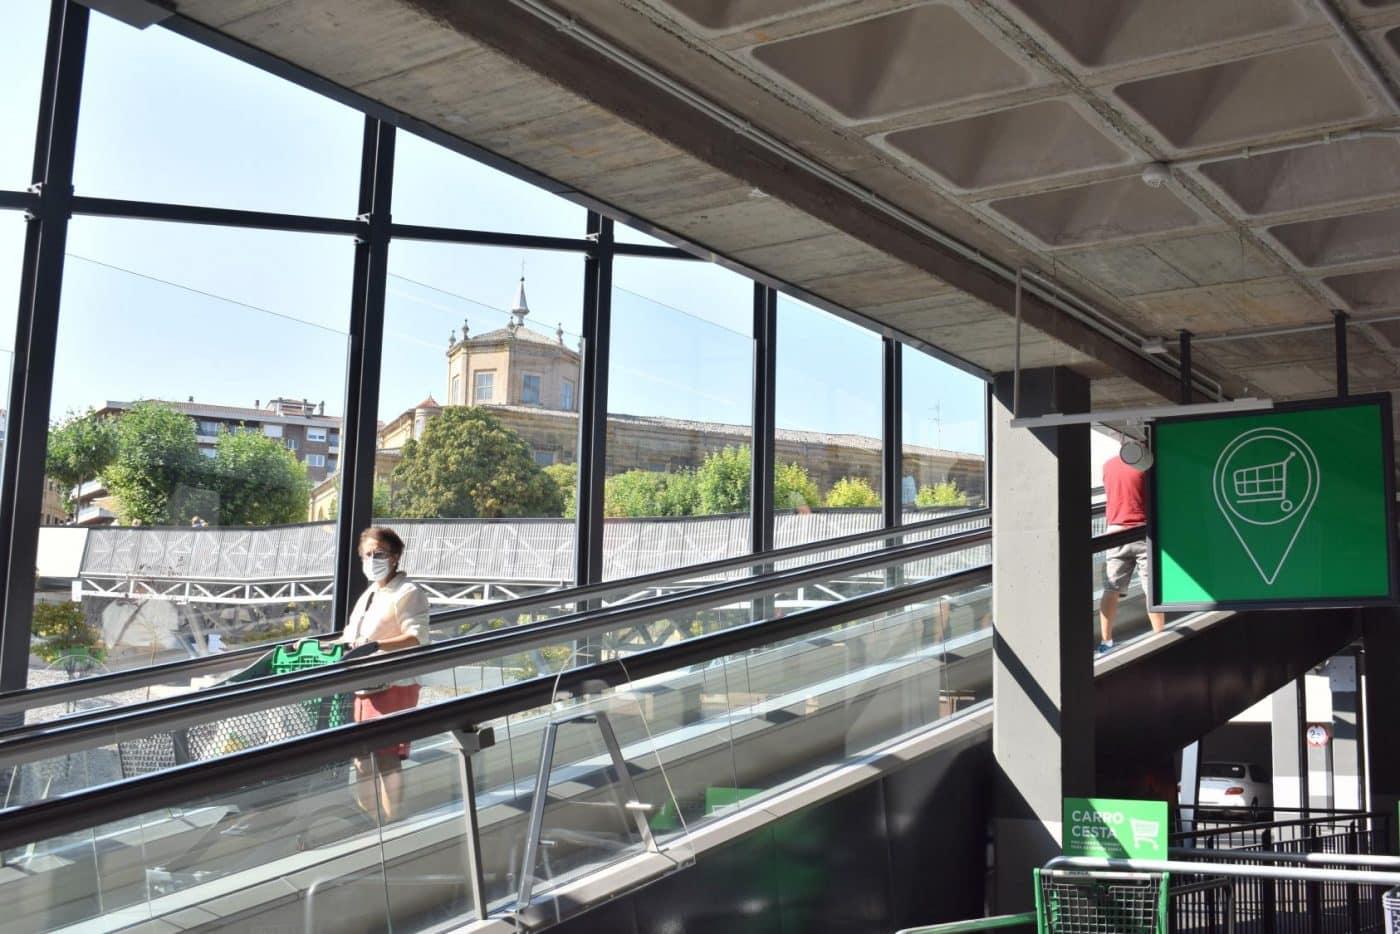 Mercadona inaugura en Haro su nuevo supermercado 'eficiente': 6 millones de euros de inversión 8